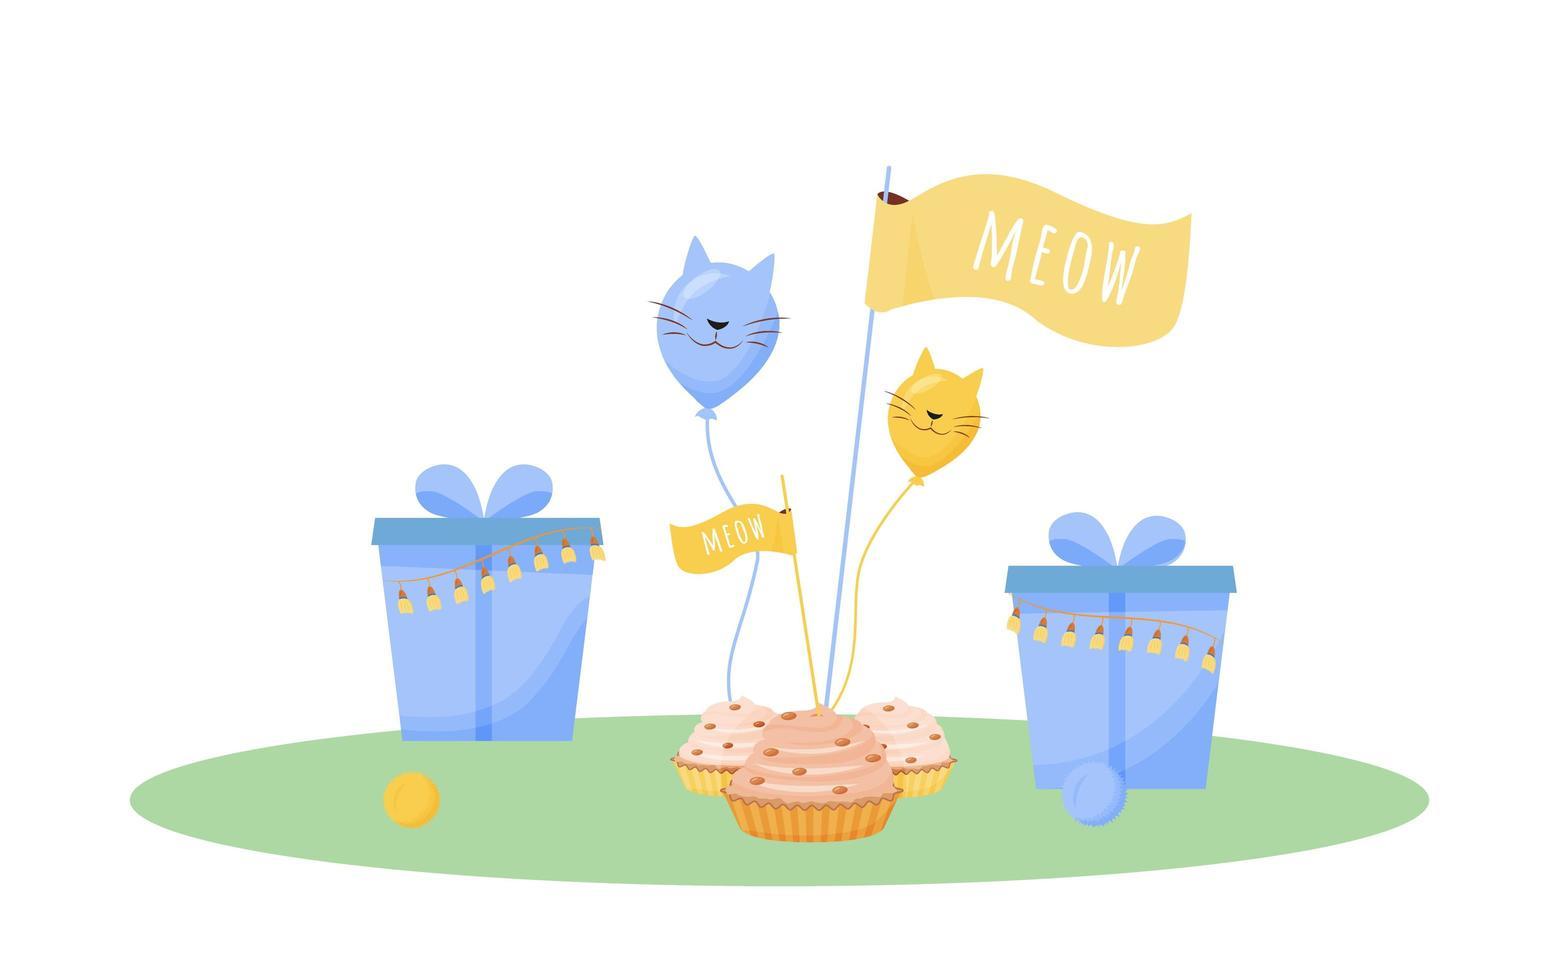 regalos de cumpleaños de gato vector